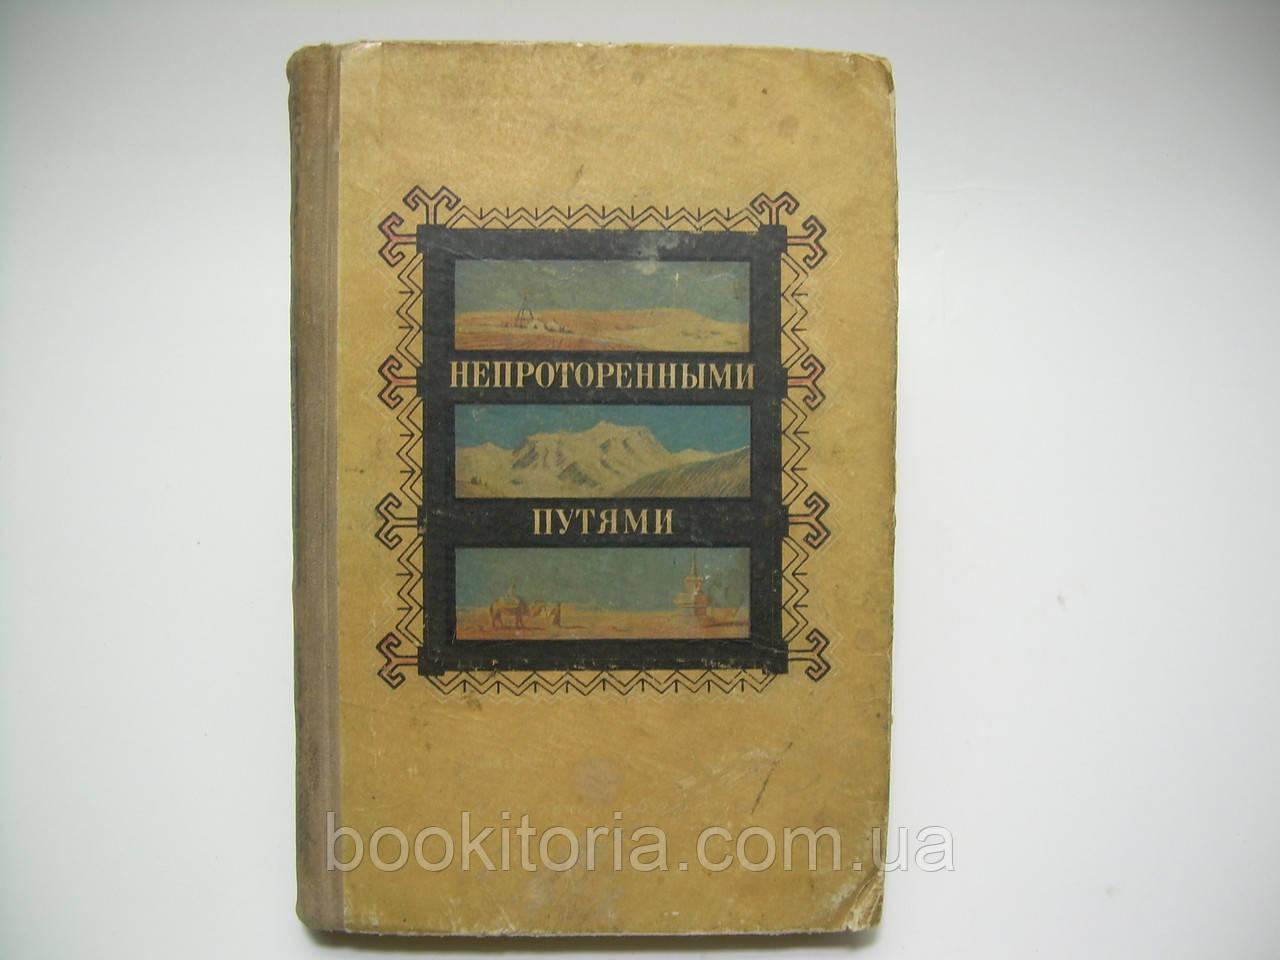 Мурзаев Э. Непроторенными путями (б/у).